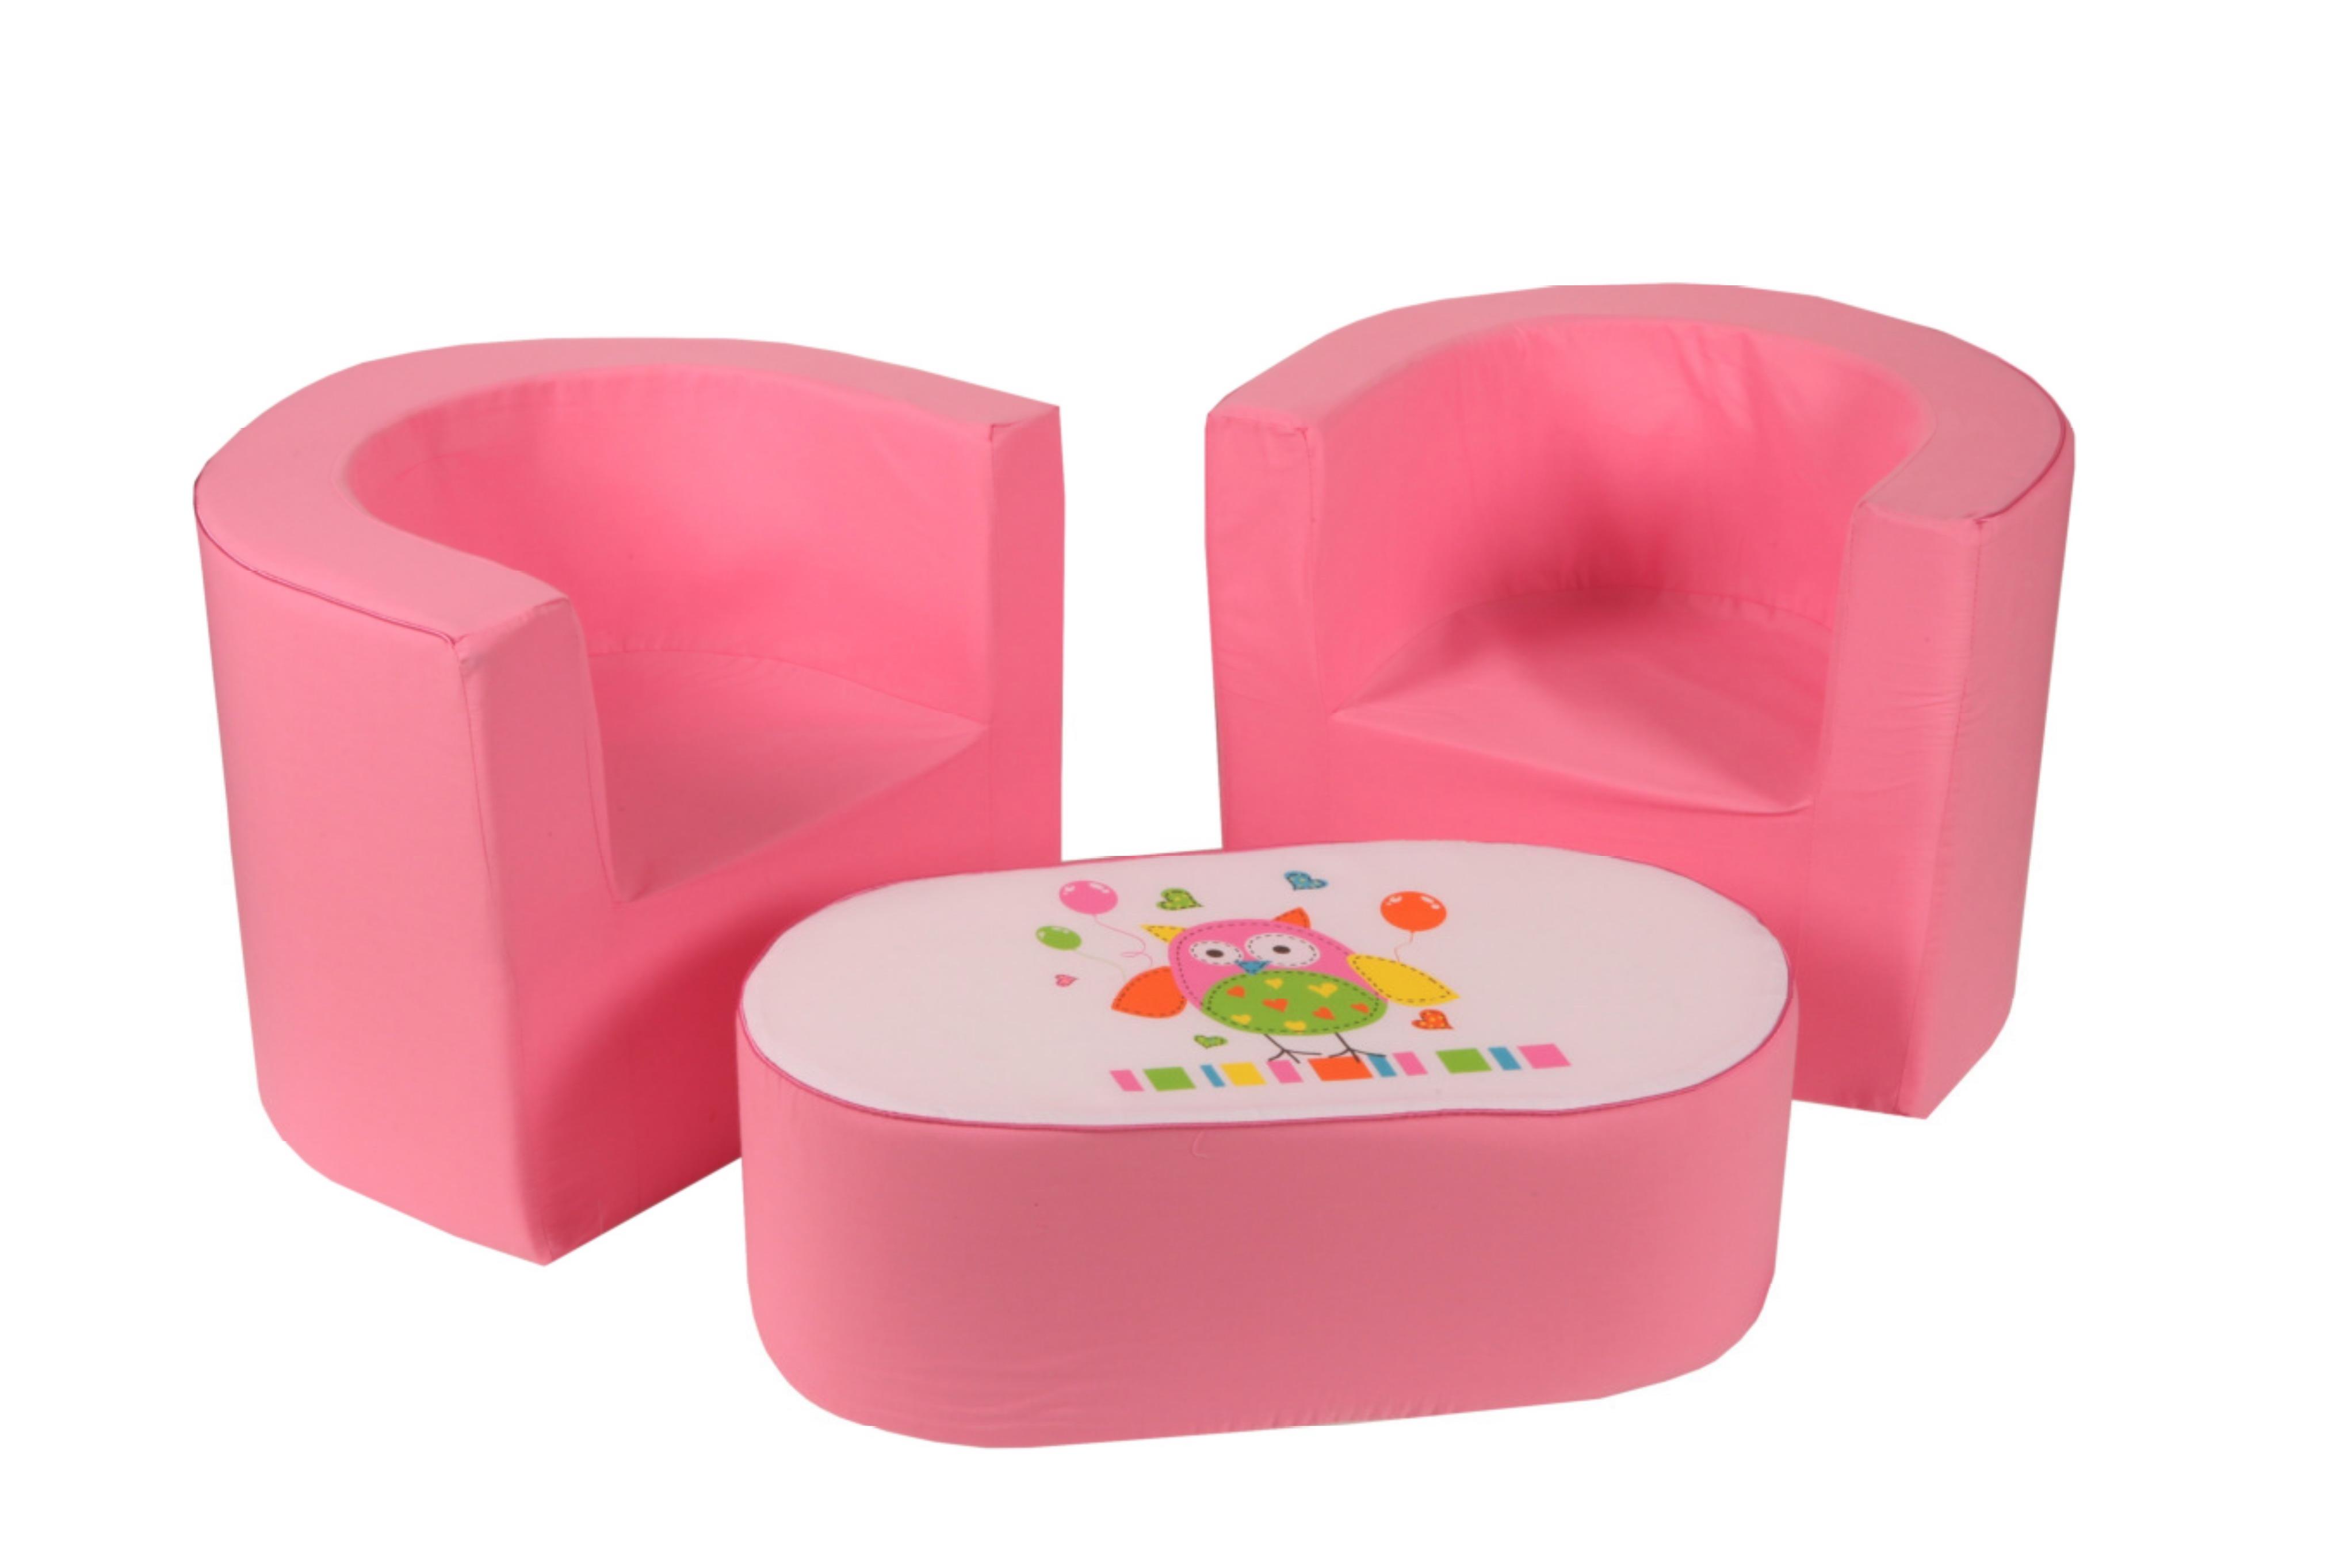 knorr baby gmbh kinder mini sitzgruppe eule online. Black Bedroom Furniture Sets. Home Design Ideas